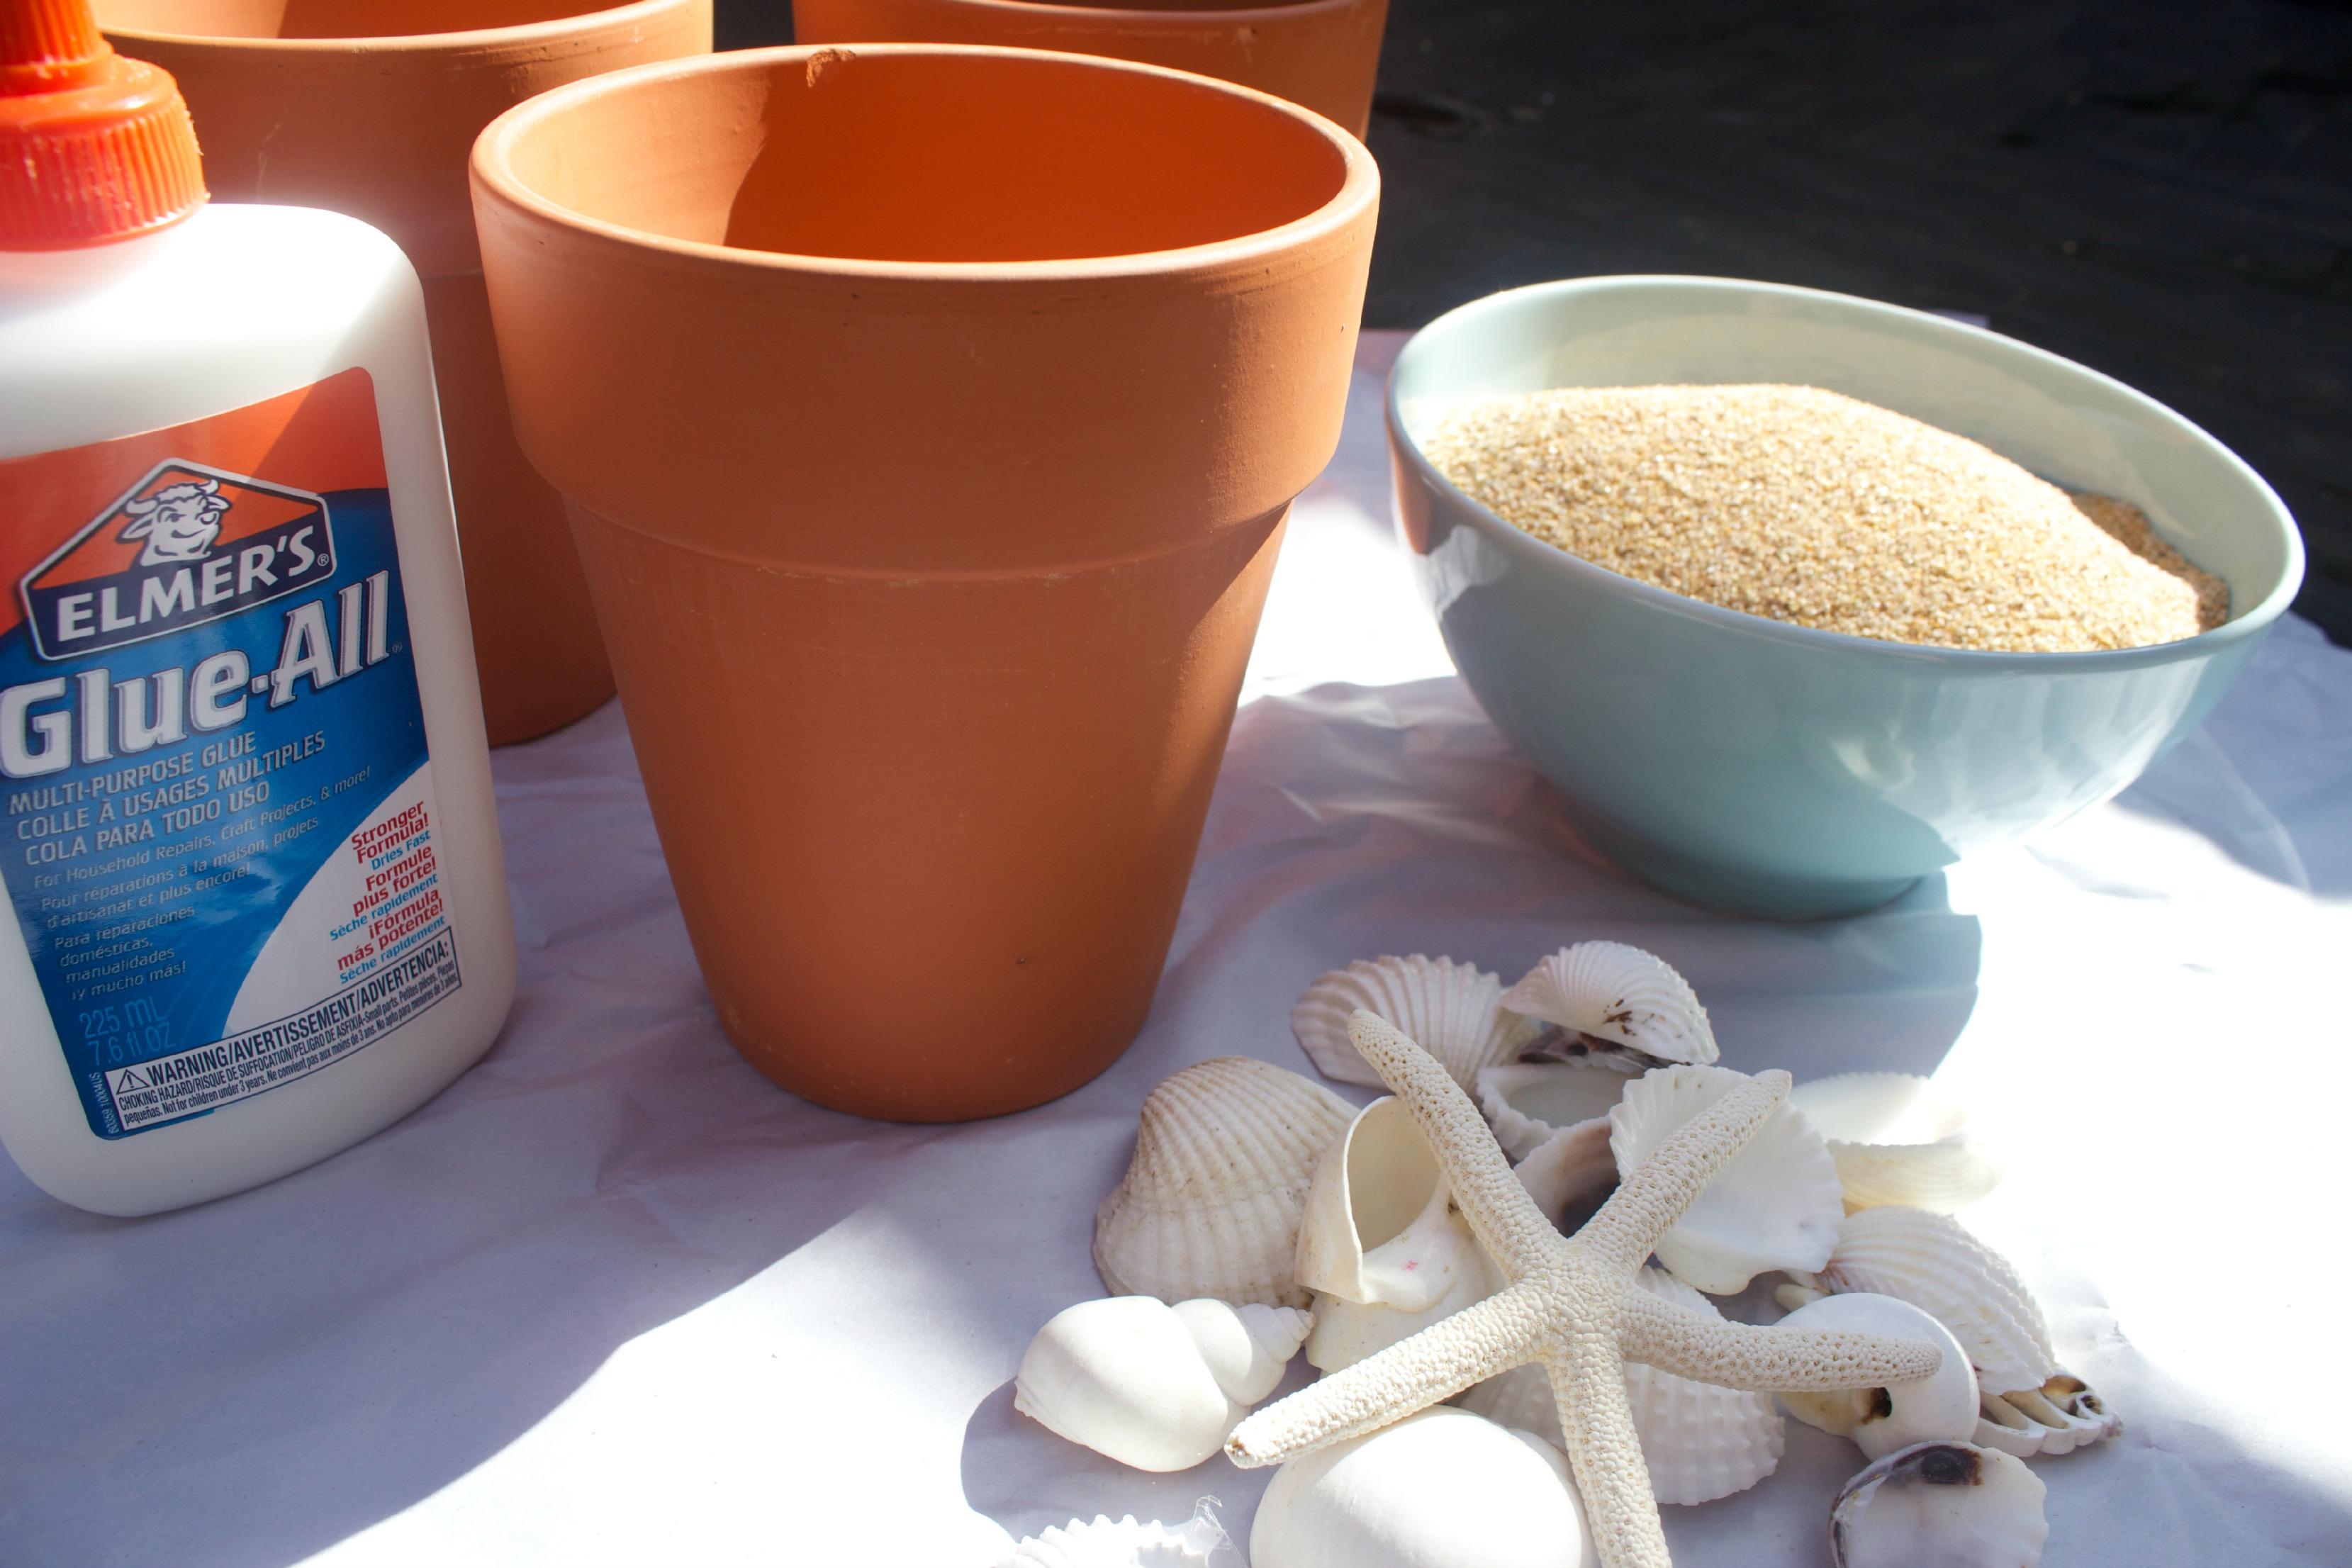 Sand Pot Supplies  The Everyday Home  www.everydayhomeblog.com